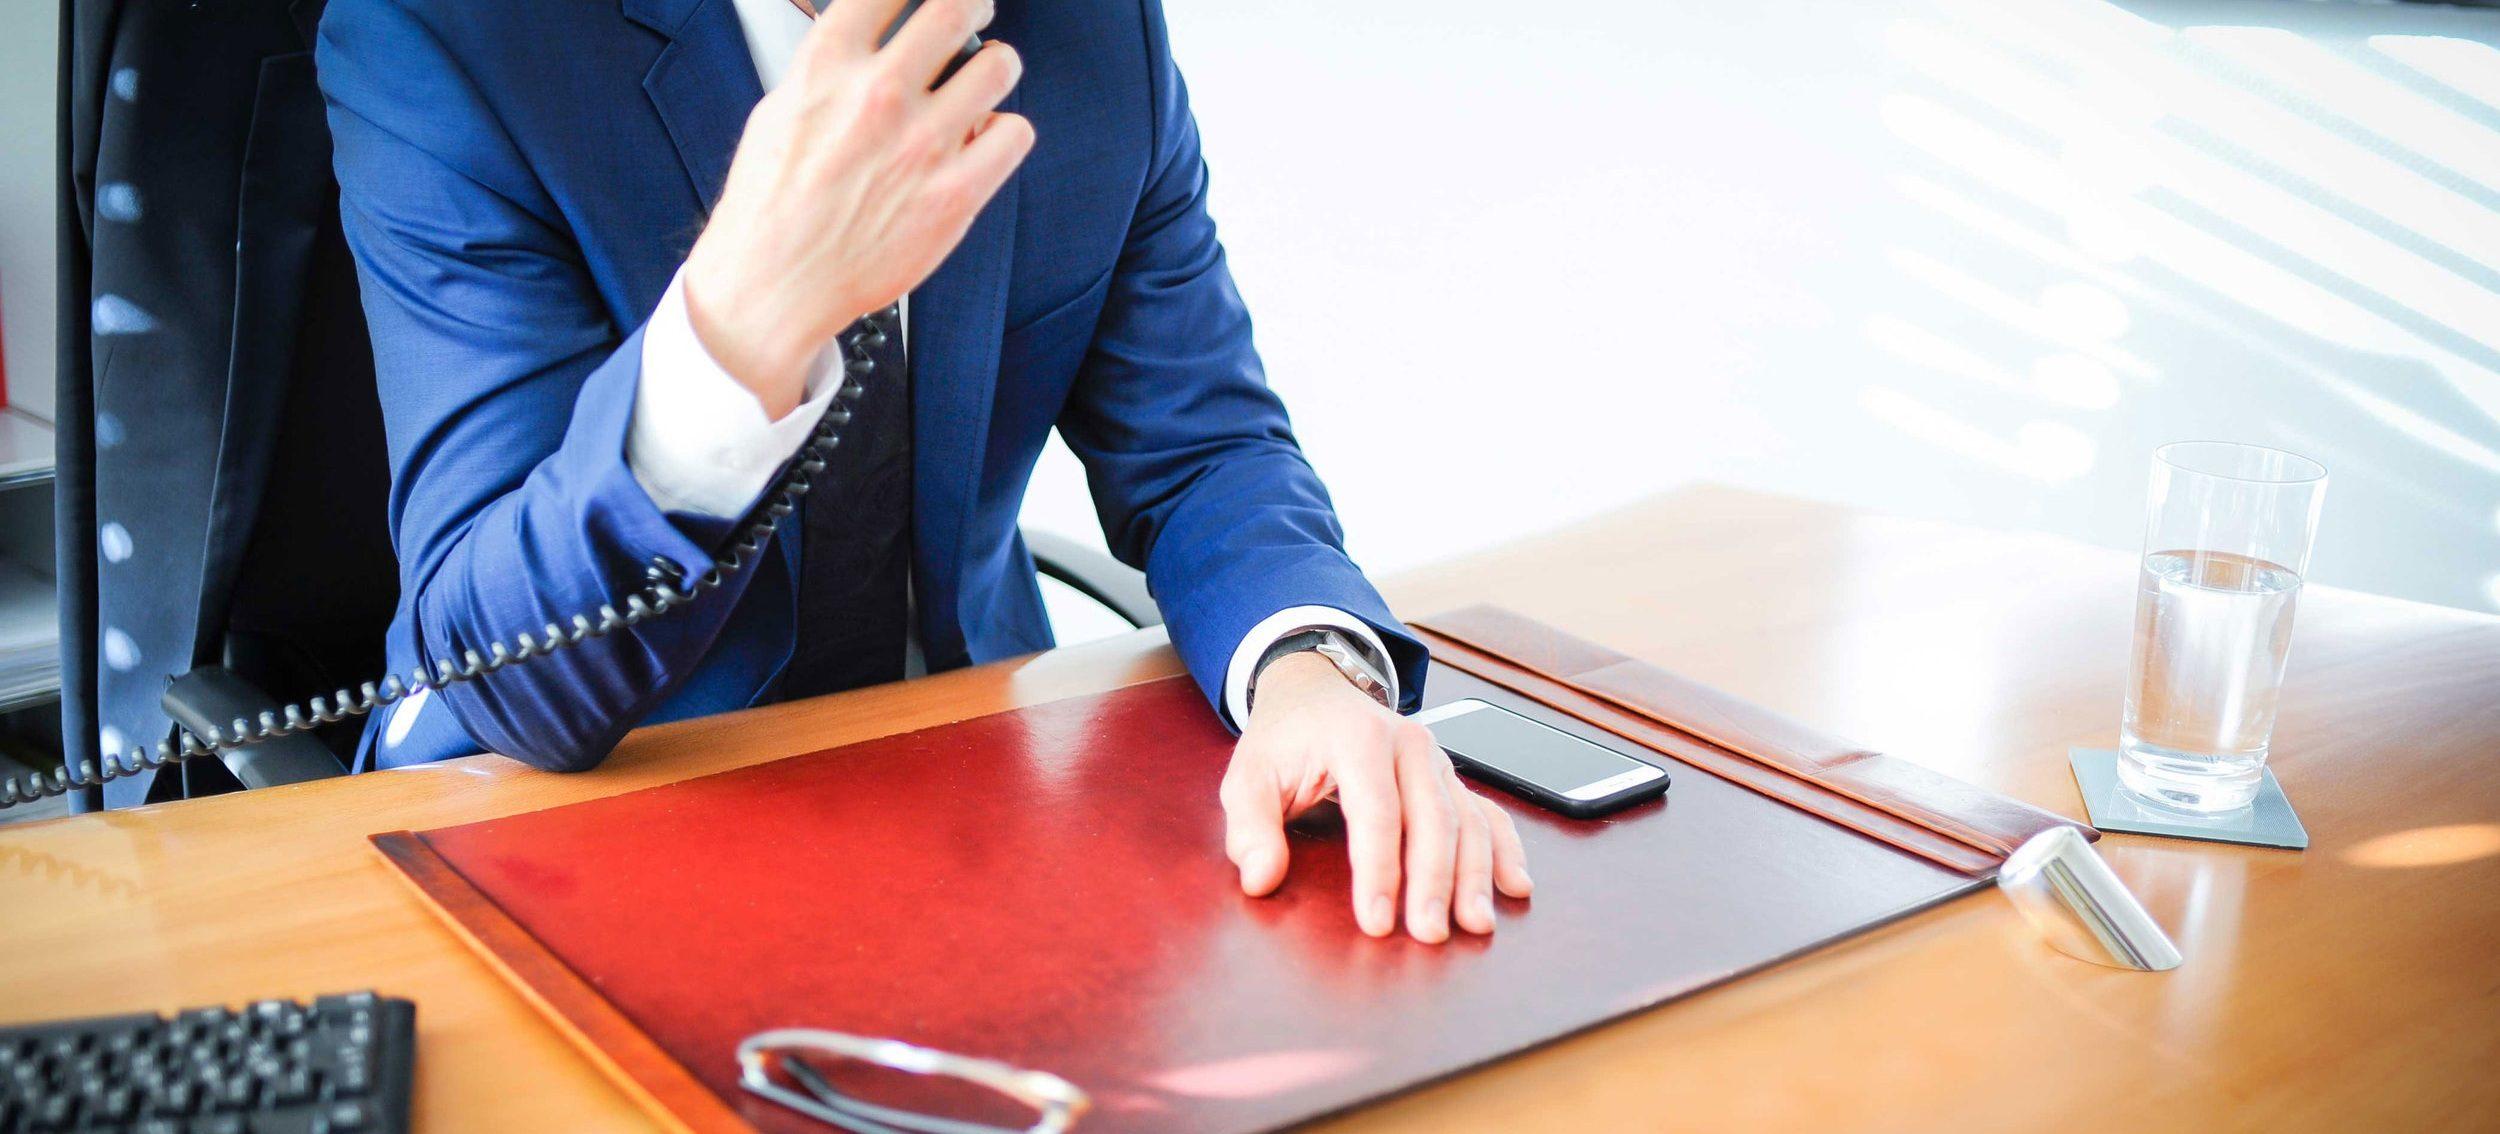 Anwalt an einem Schreibtisch mit der rechten Hand an einem Telefon